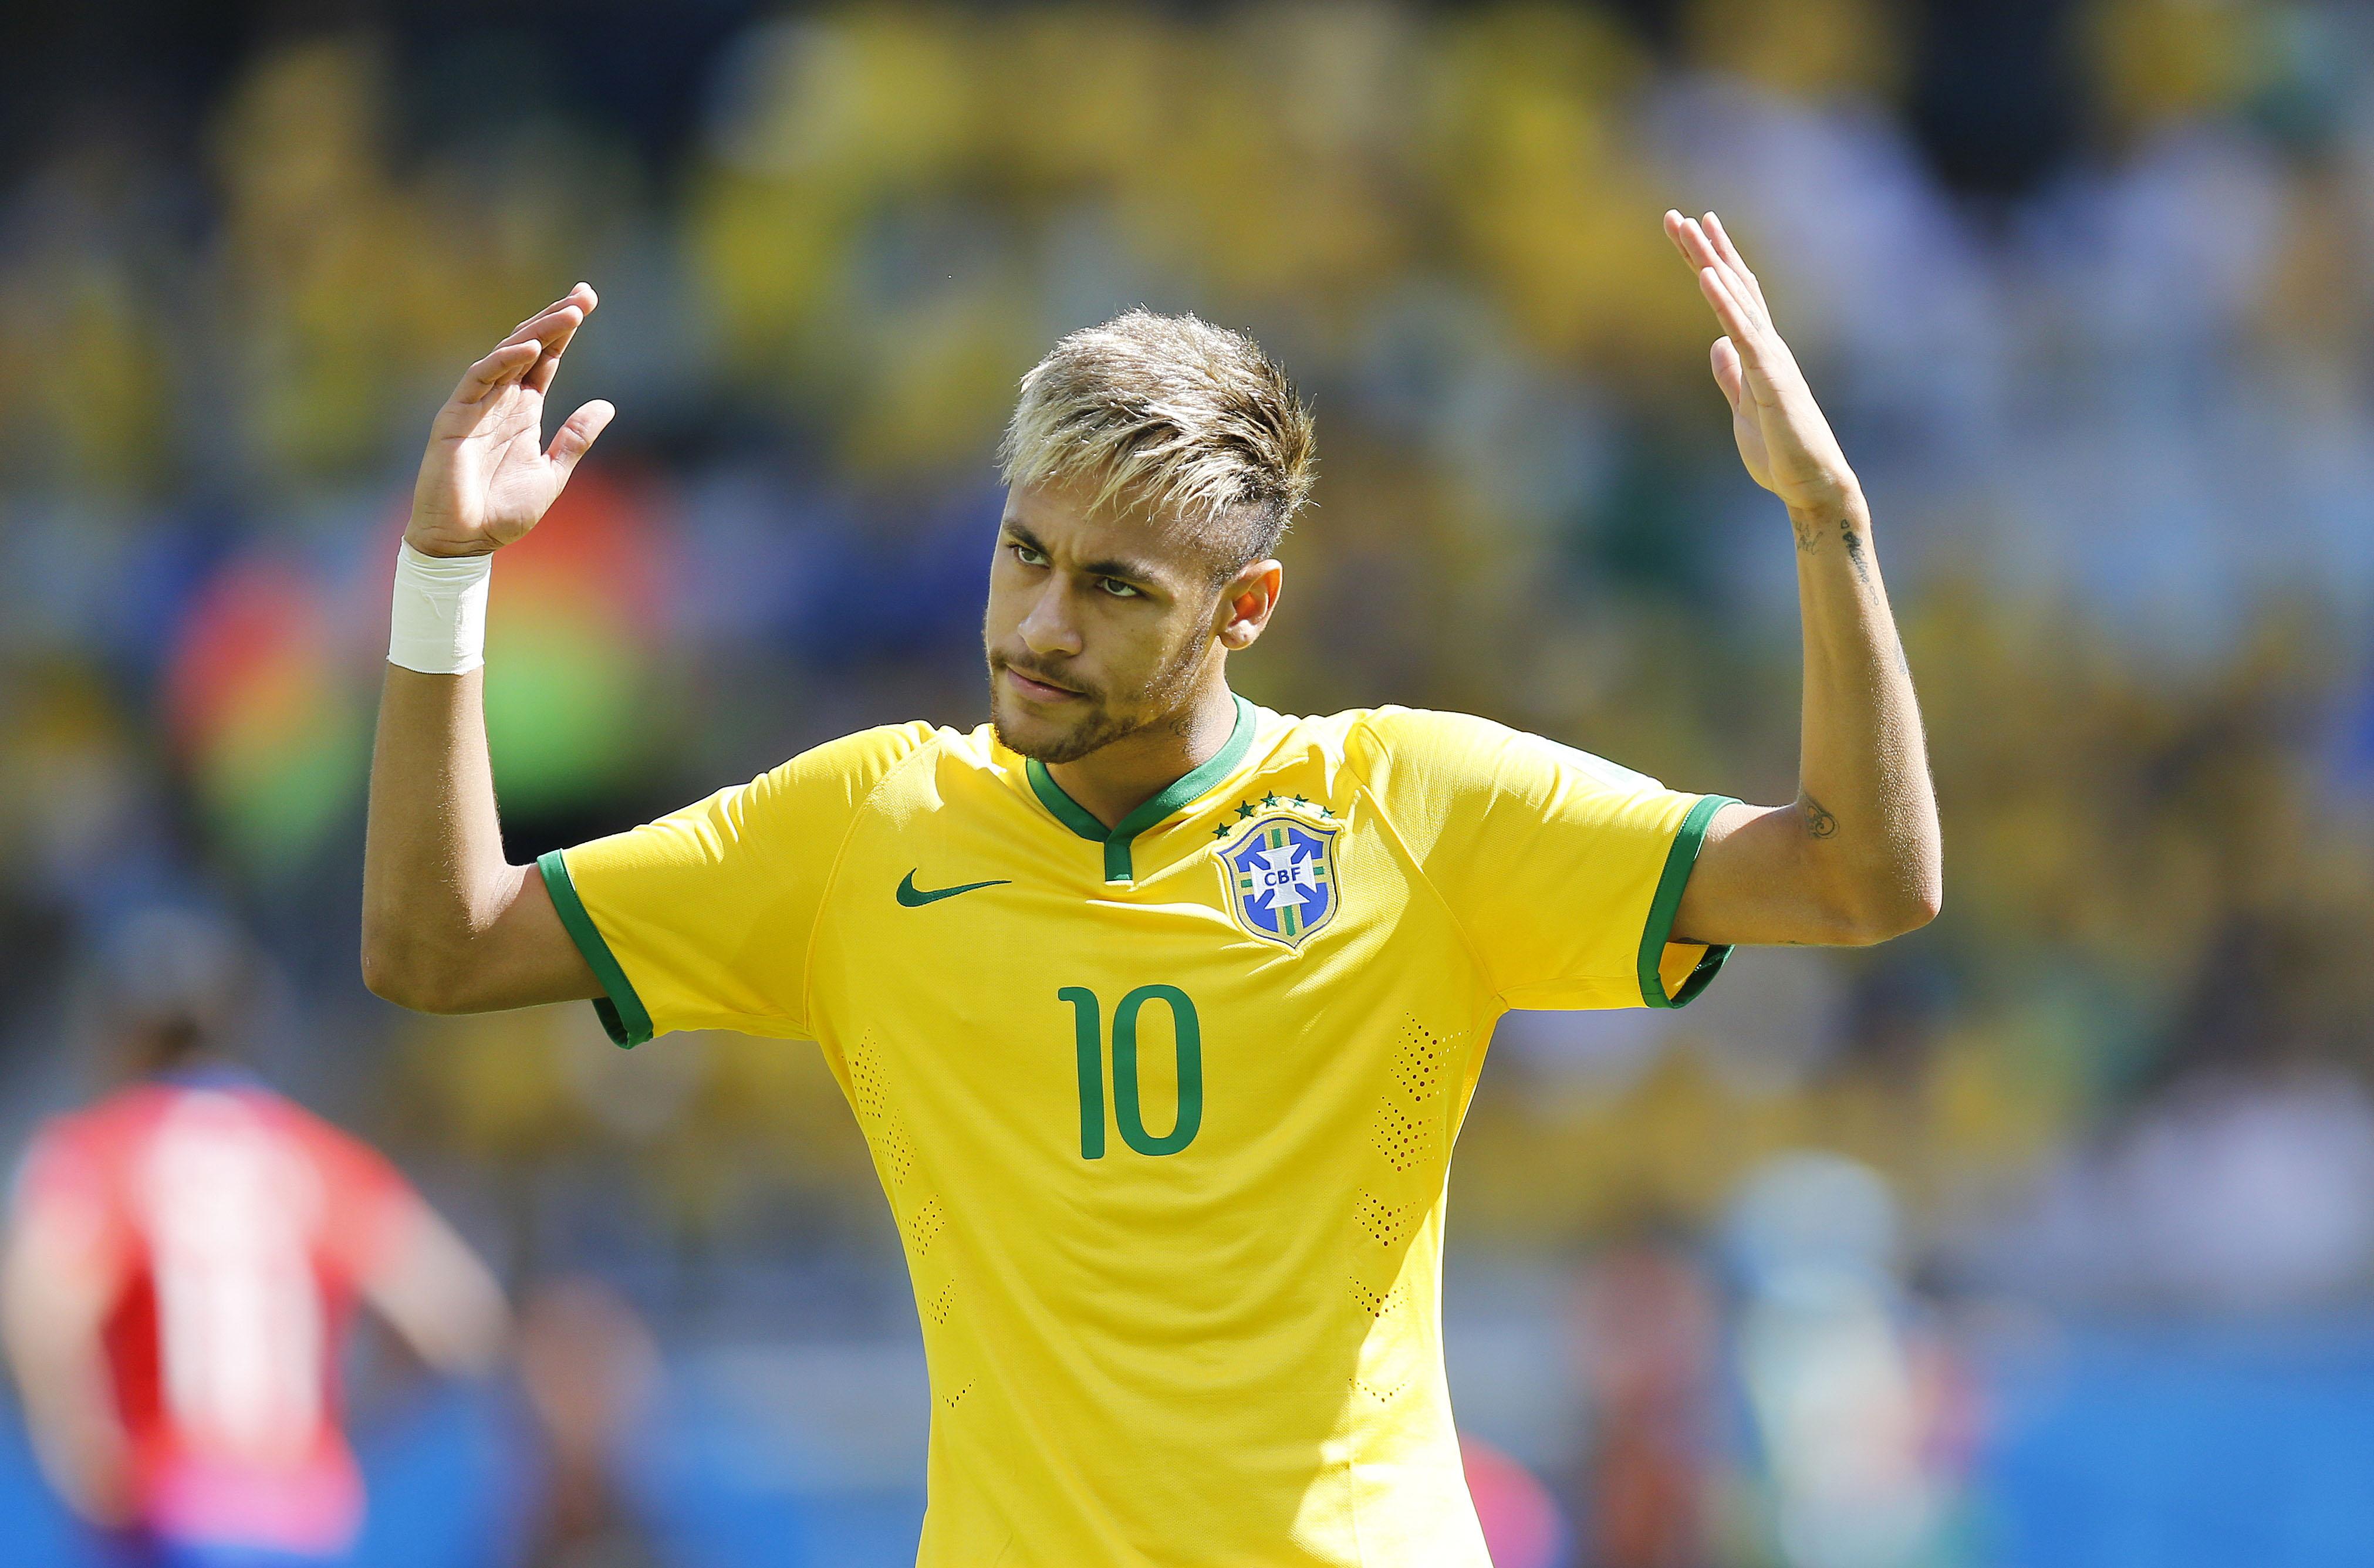 Corte de pelo de Neymar - 4045x2672